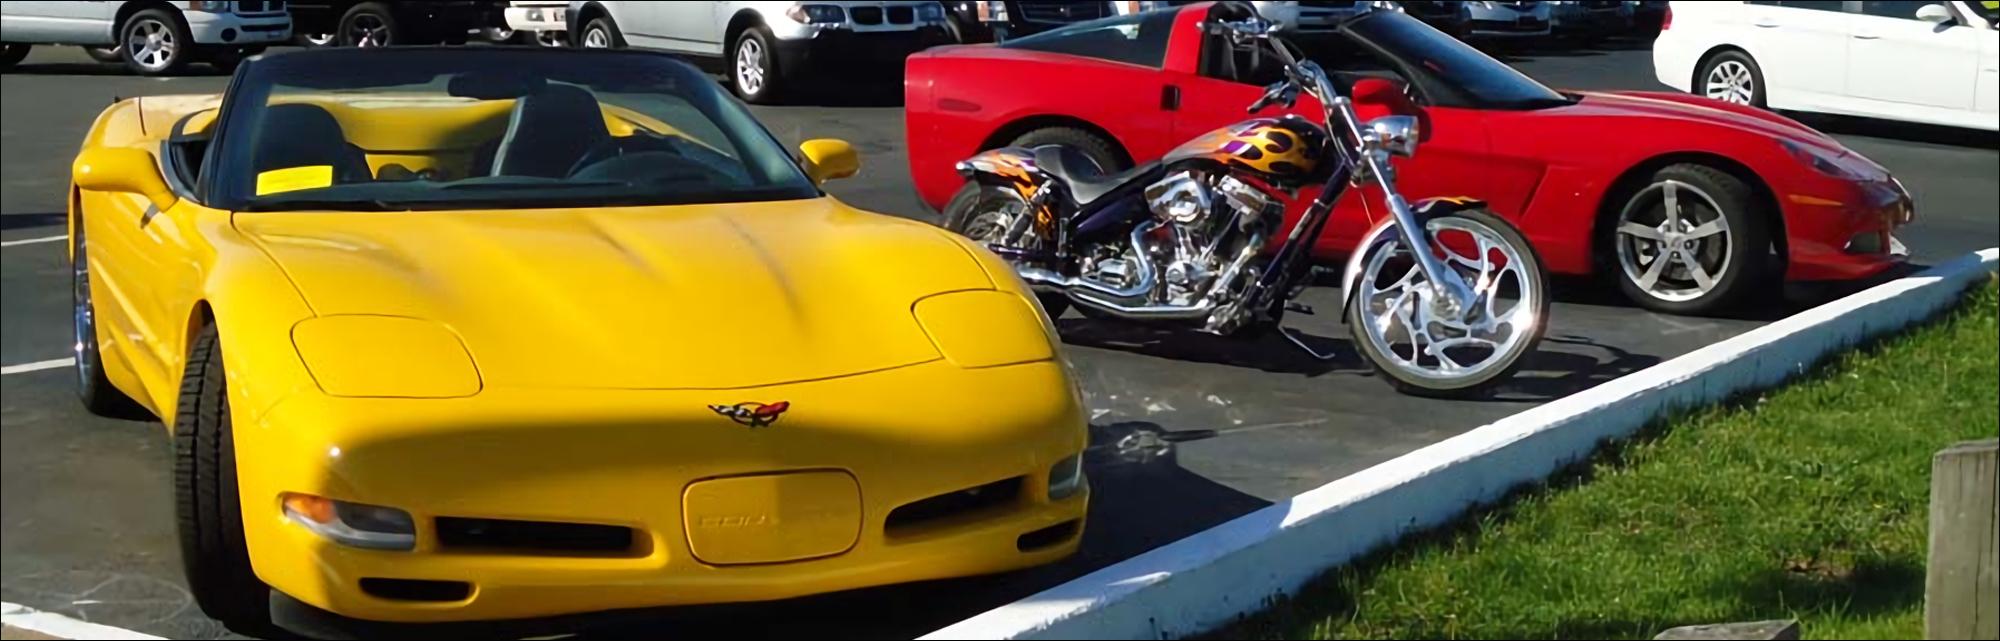 Lynnway Auto Sales >> Lynnway Auto Sales Inc - Used Cars - Lynn MA Dealer